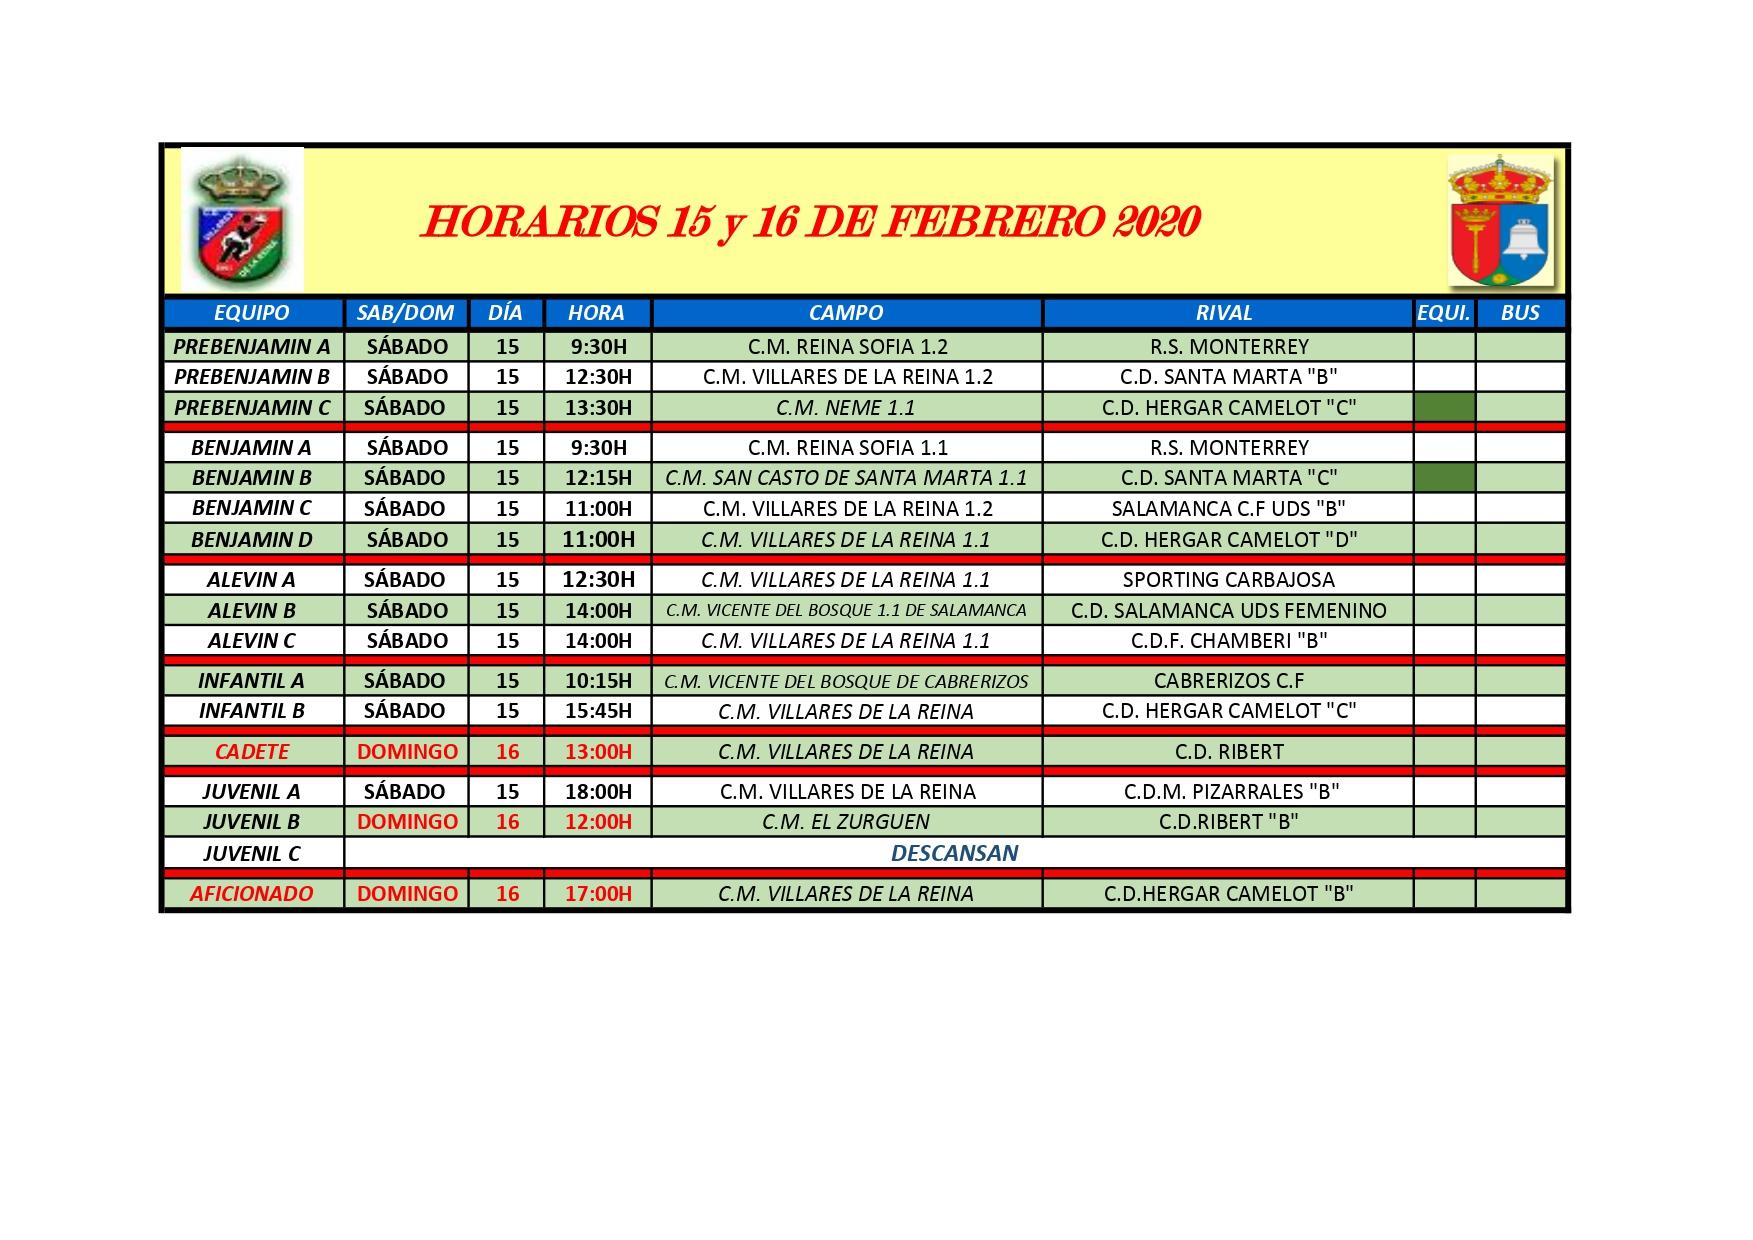 HORARIOS DE F�TBOL S�BADO 14 Y DOMINGO 15 DE FEBRERO 2020